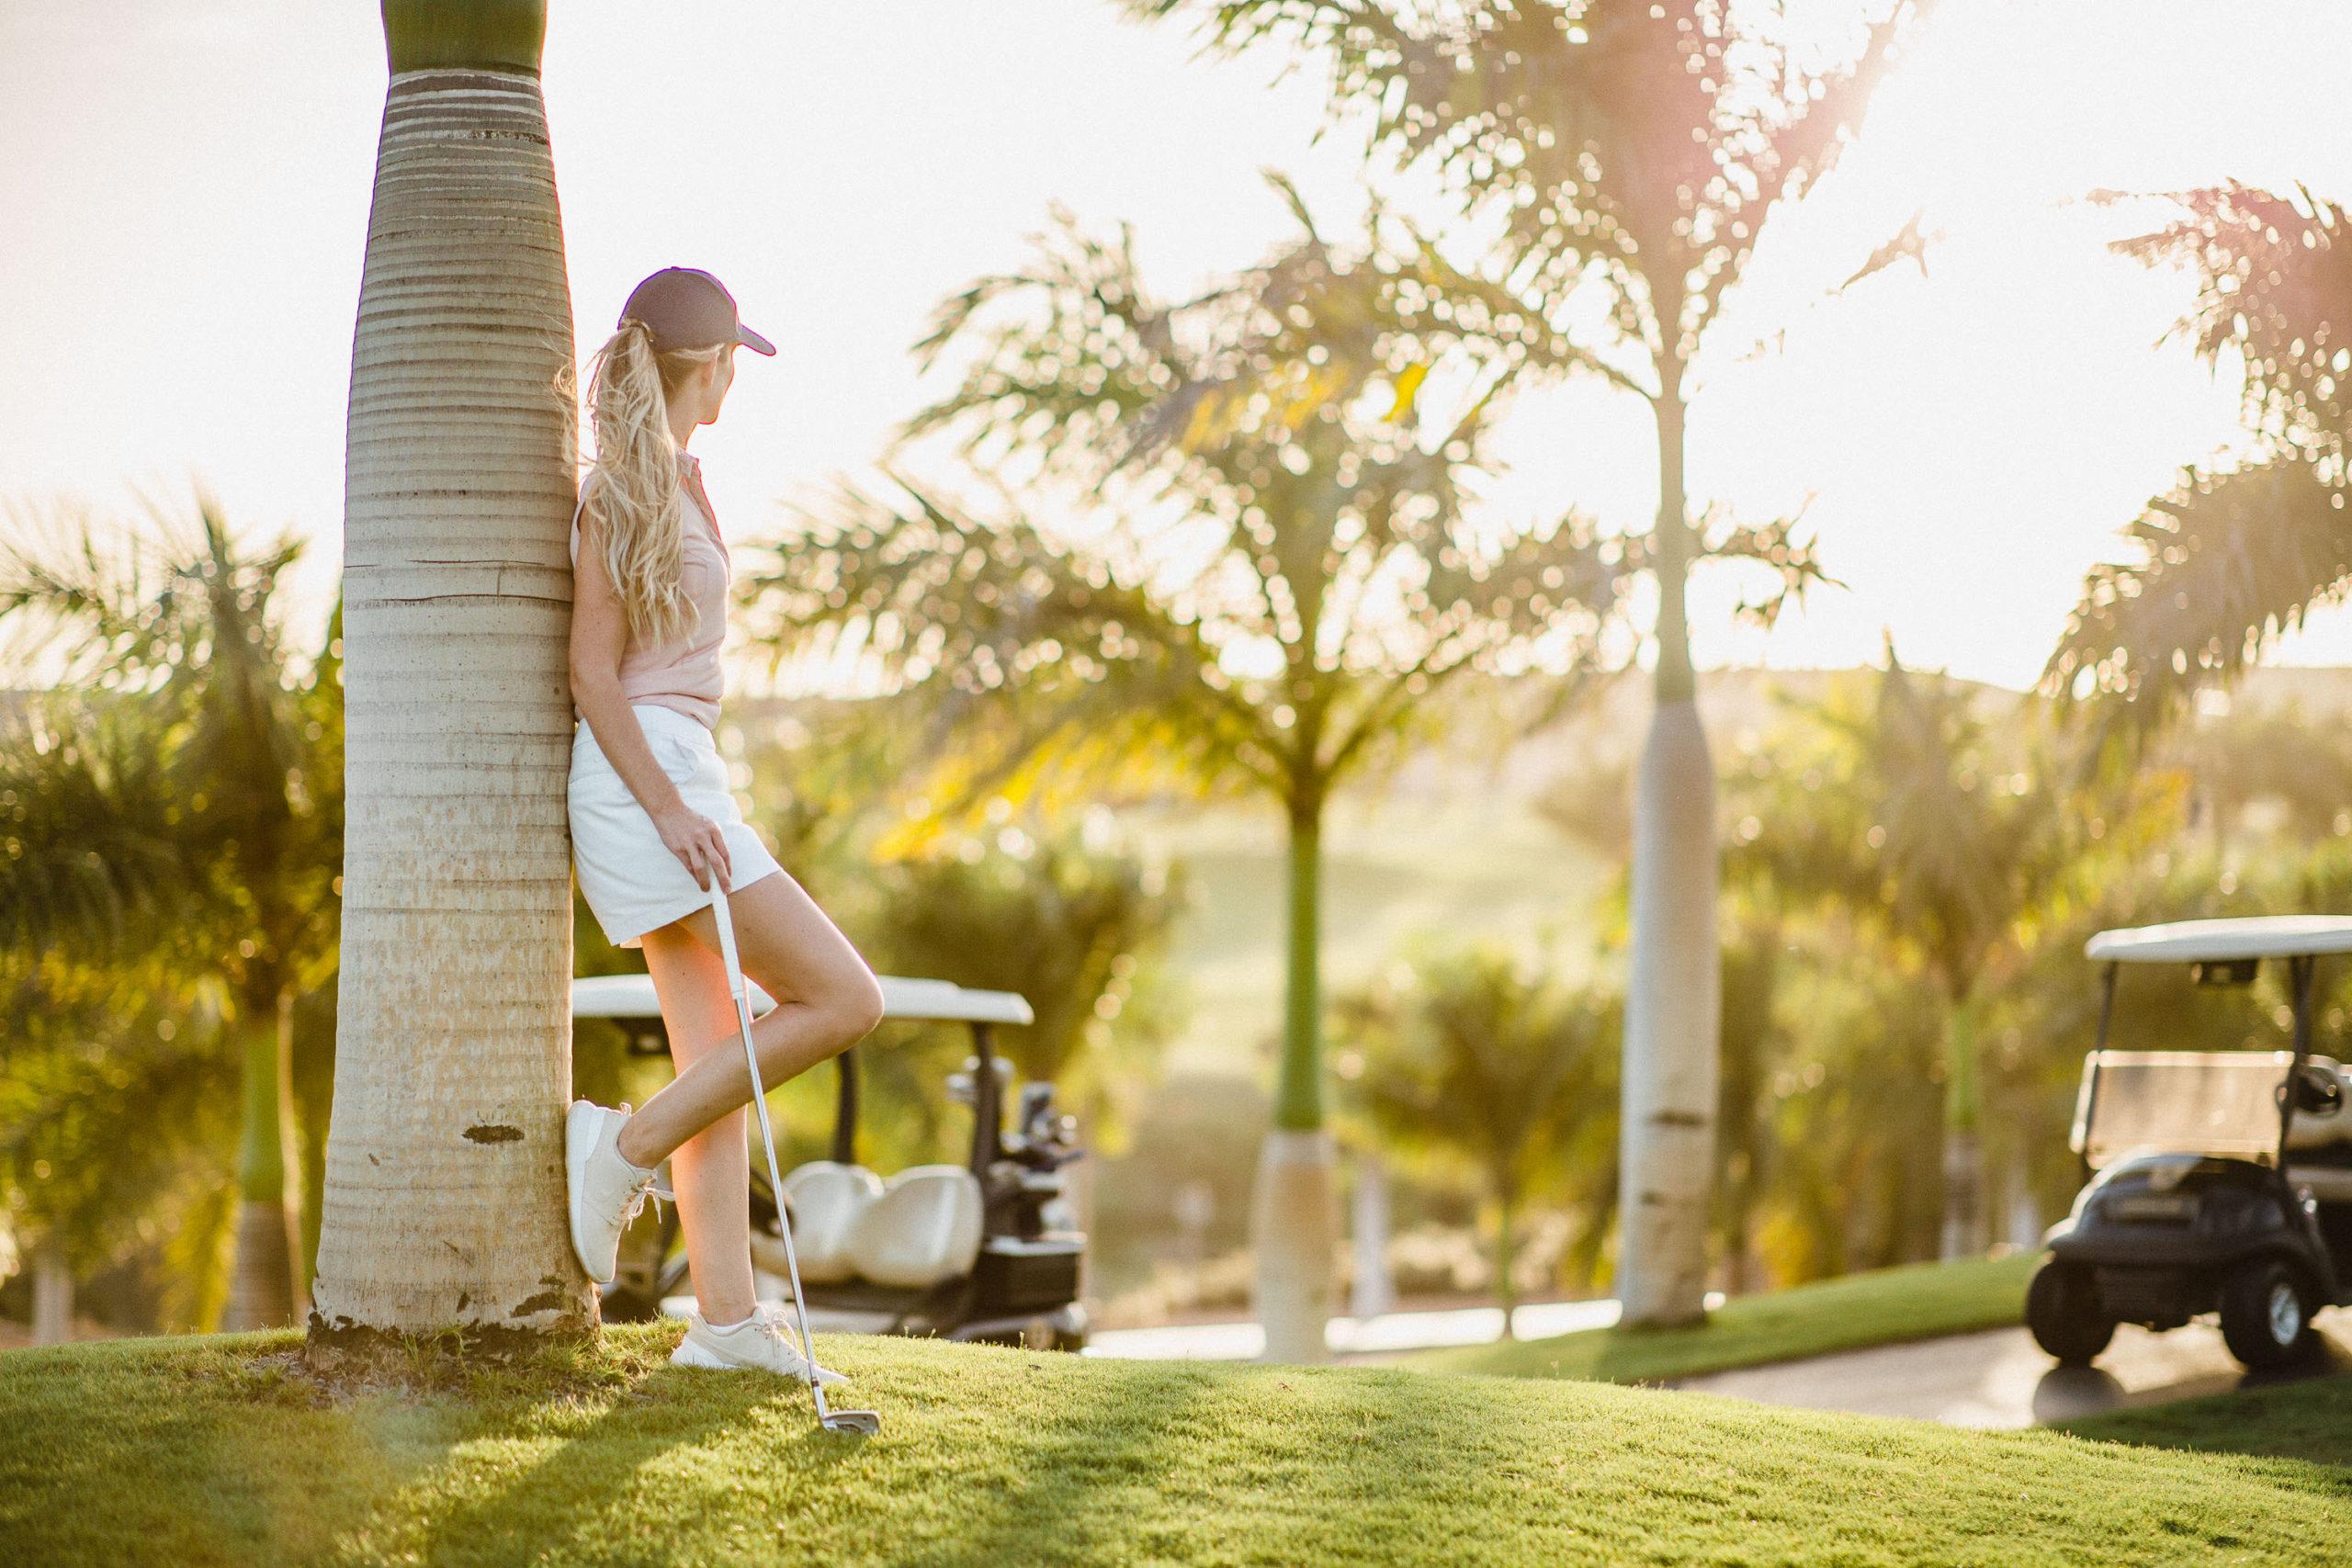 fotografo-de-bodas-las-palmas-gran-canaria-carlosglez-unbuenmomento-gran-canaria-golf-104